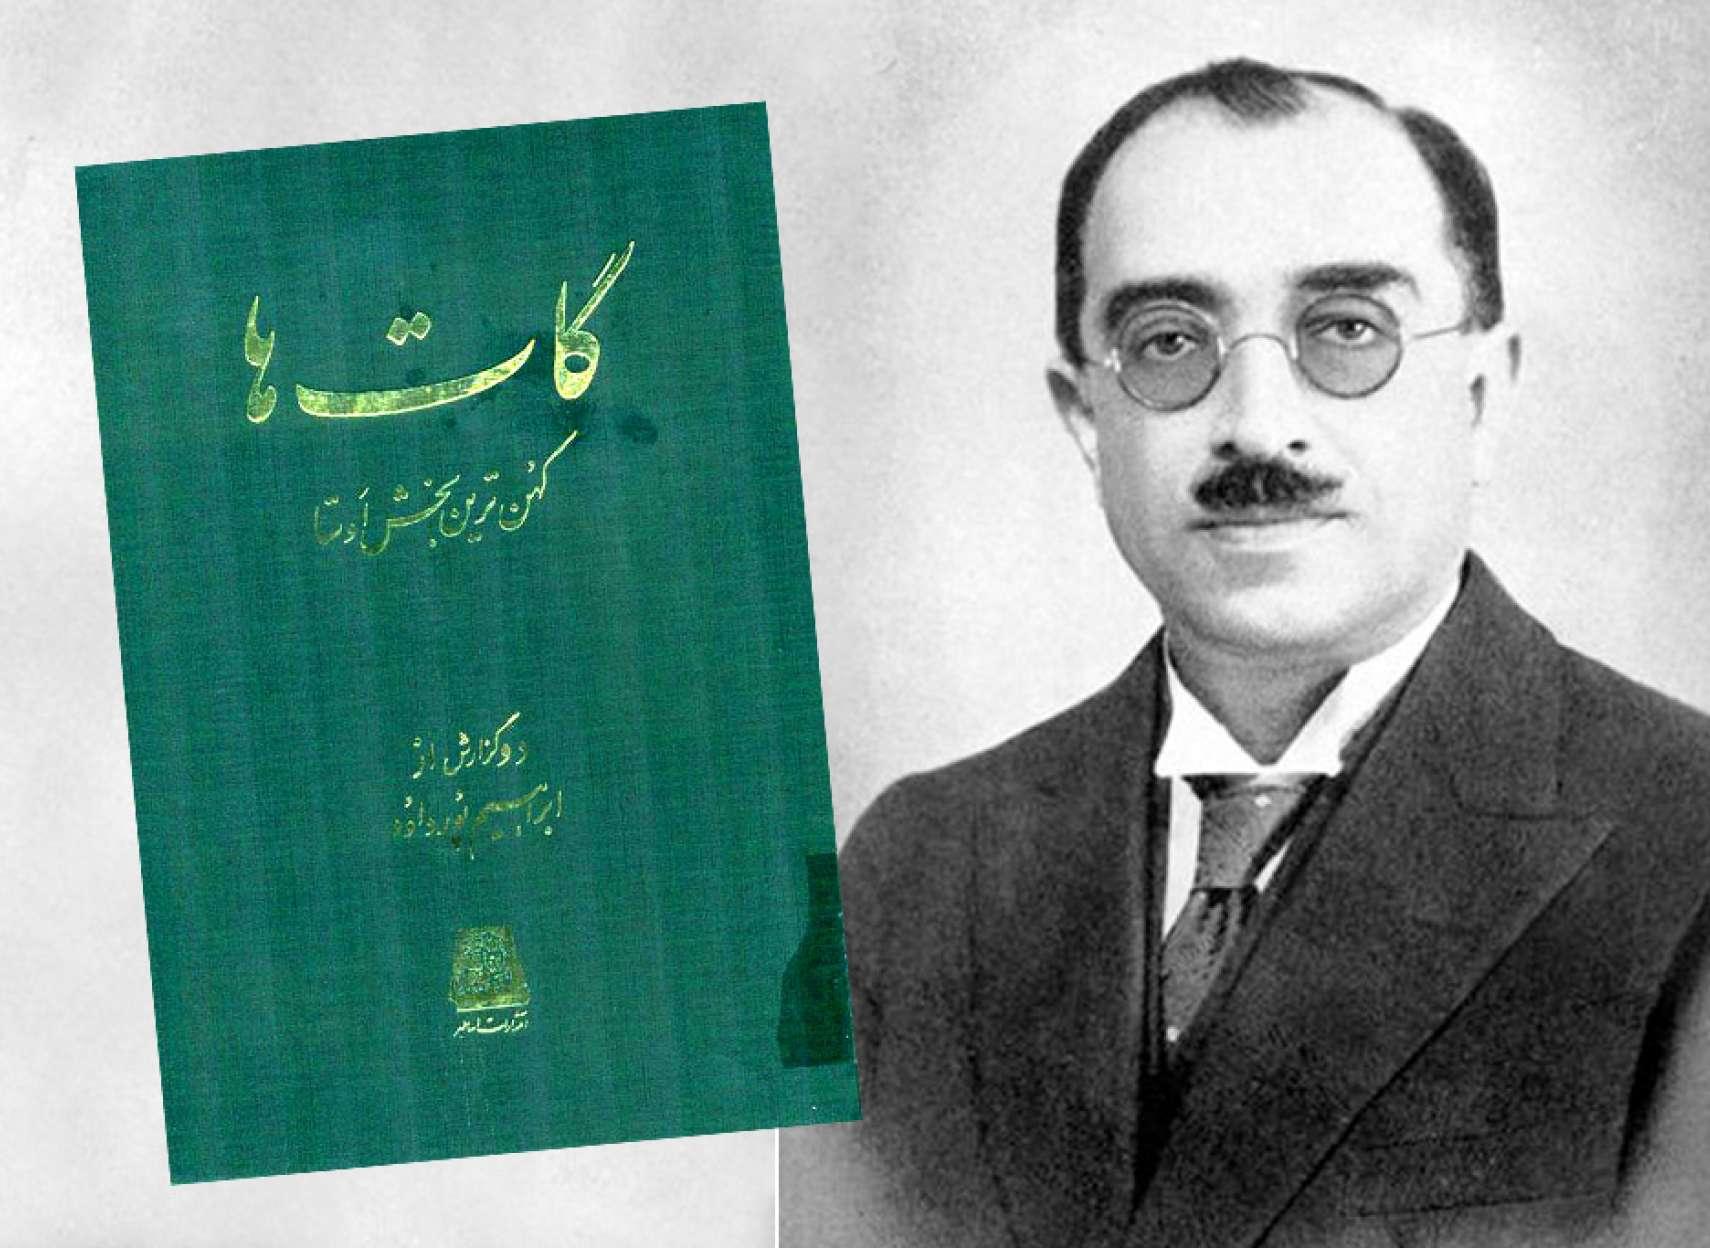 اختری-تاریخ-ارود-بهمنجی-و-دینشاه-جیجی-باهای